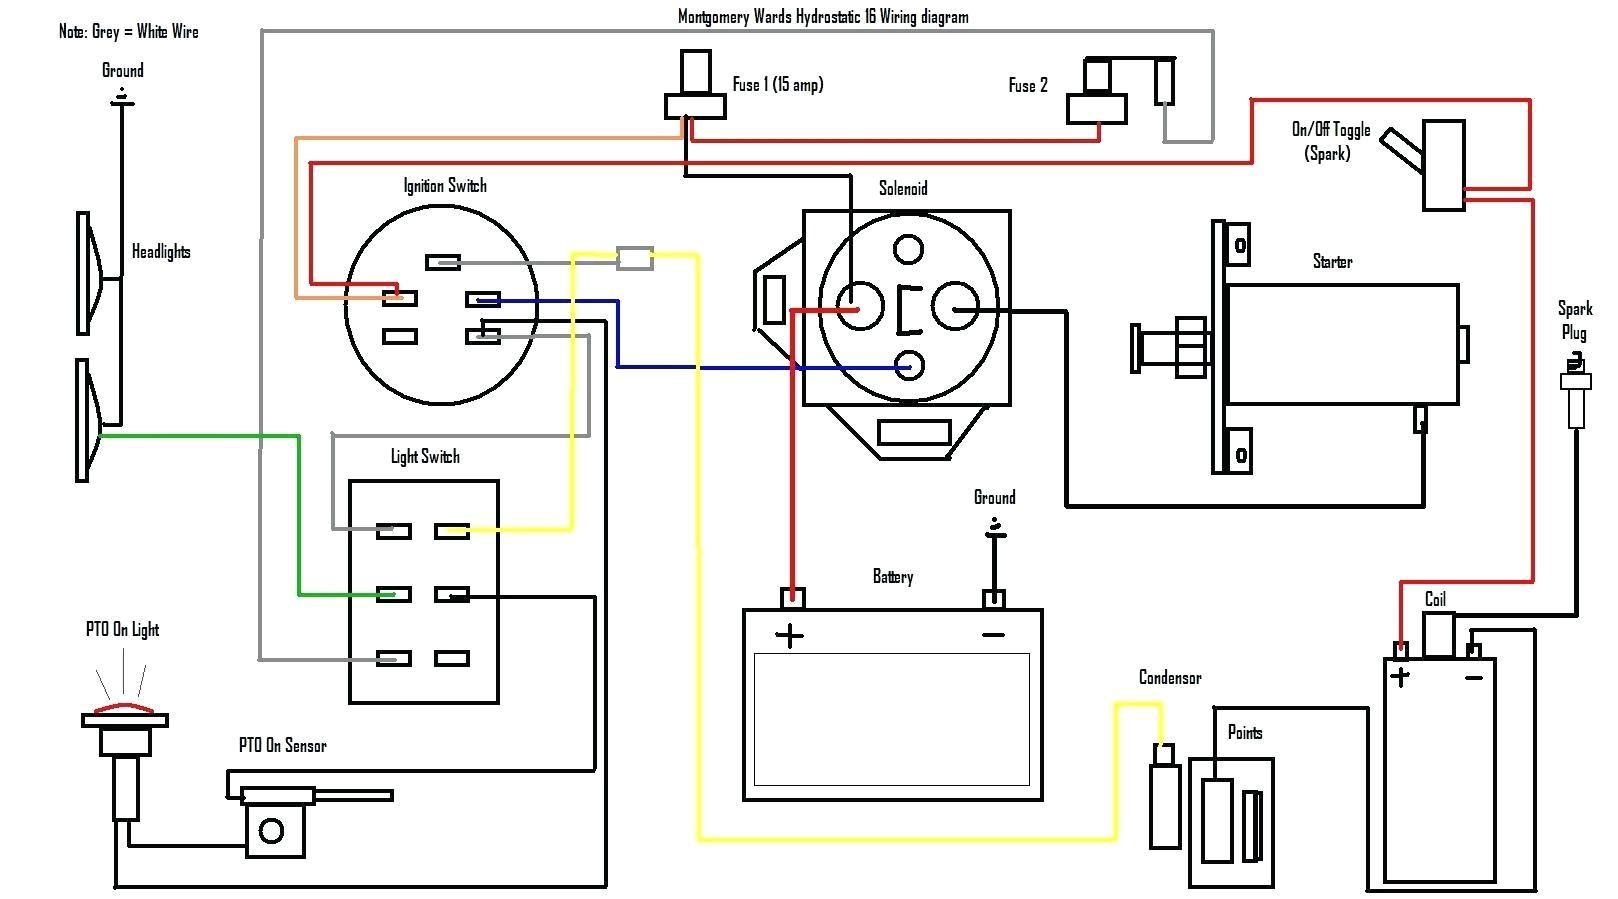 b amp s wiring diagram schema wiring diagram b amp s wiring diagram